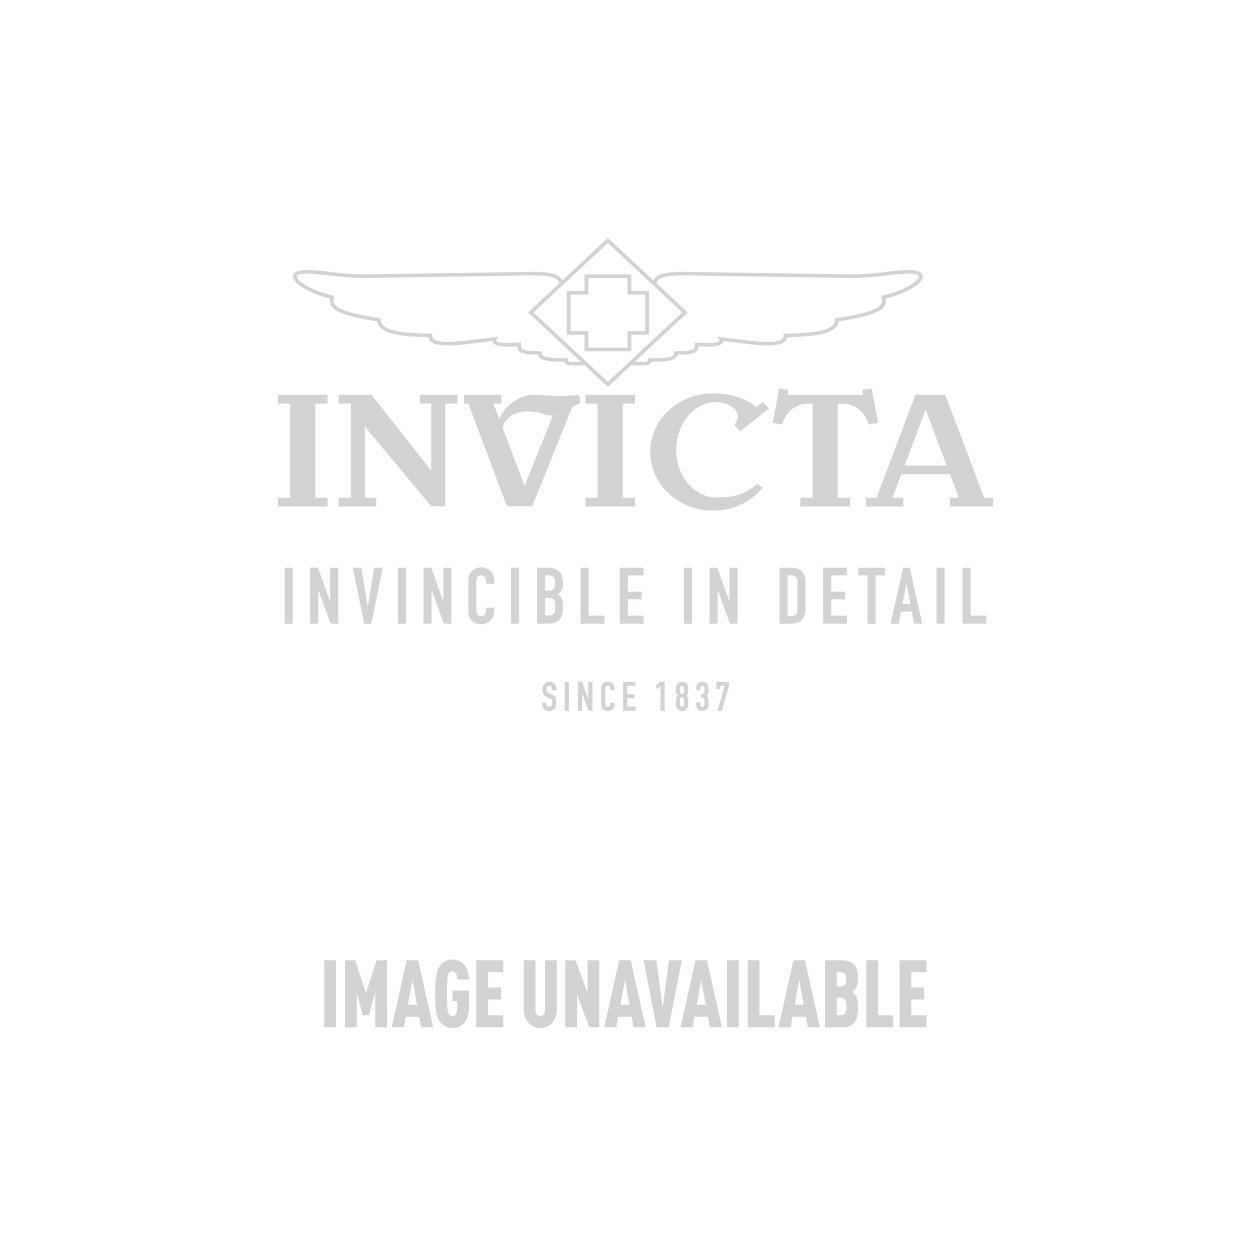 Invicta Model 25211